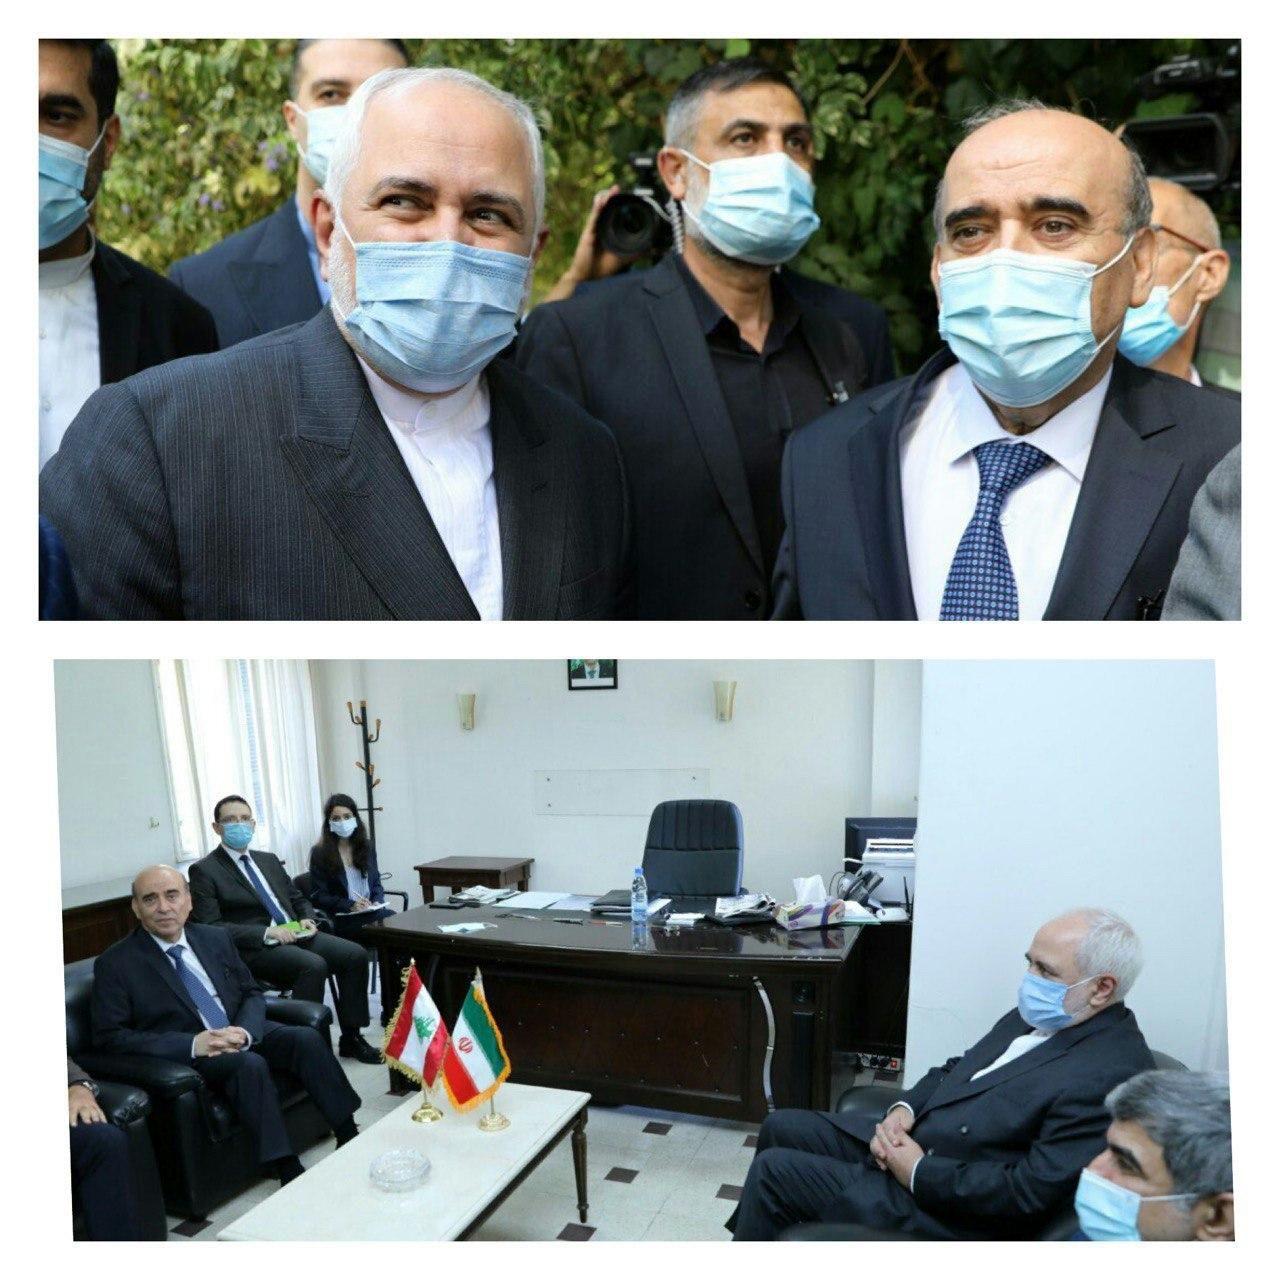 ظریف: هیچ طرف خارجی نباید از مشکلات لبنان سوءاستفاده کند/ شربل وهبه: ایران حامی لبنان است